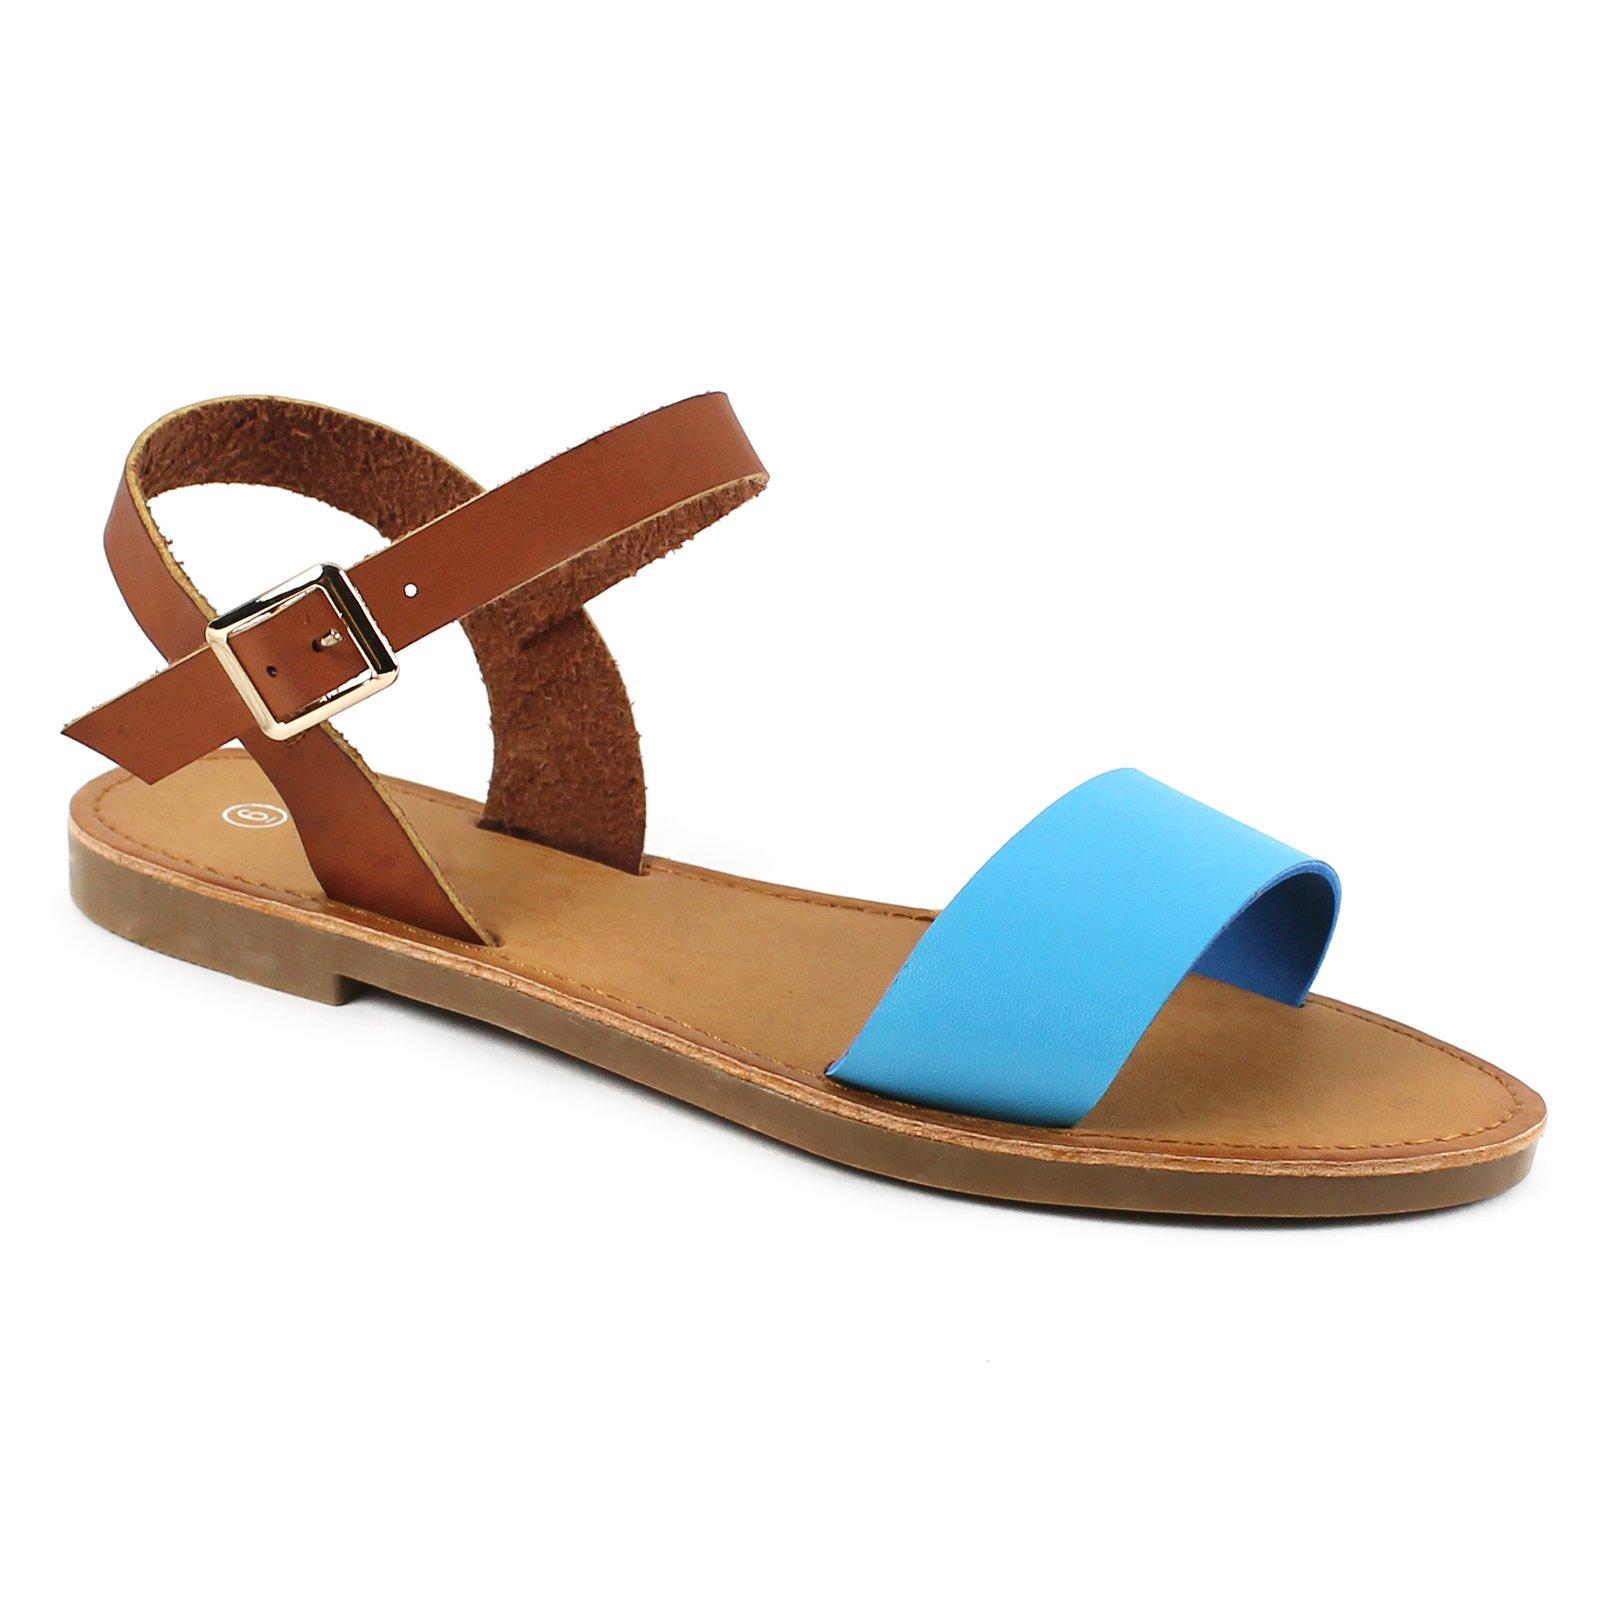 Women's Shoe Comfort Simple Basic Ankle Strap Flat Sandals (9, Blue/Cognac)